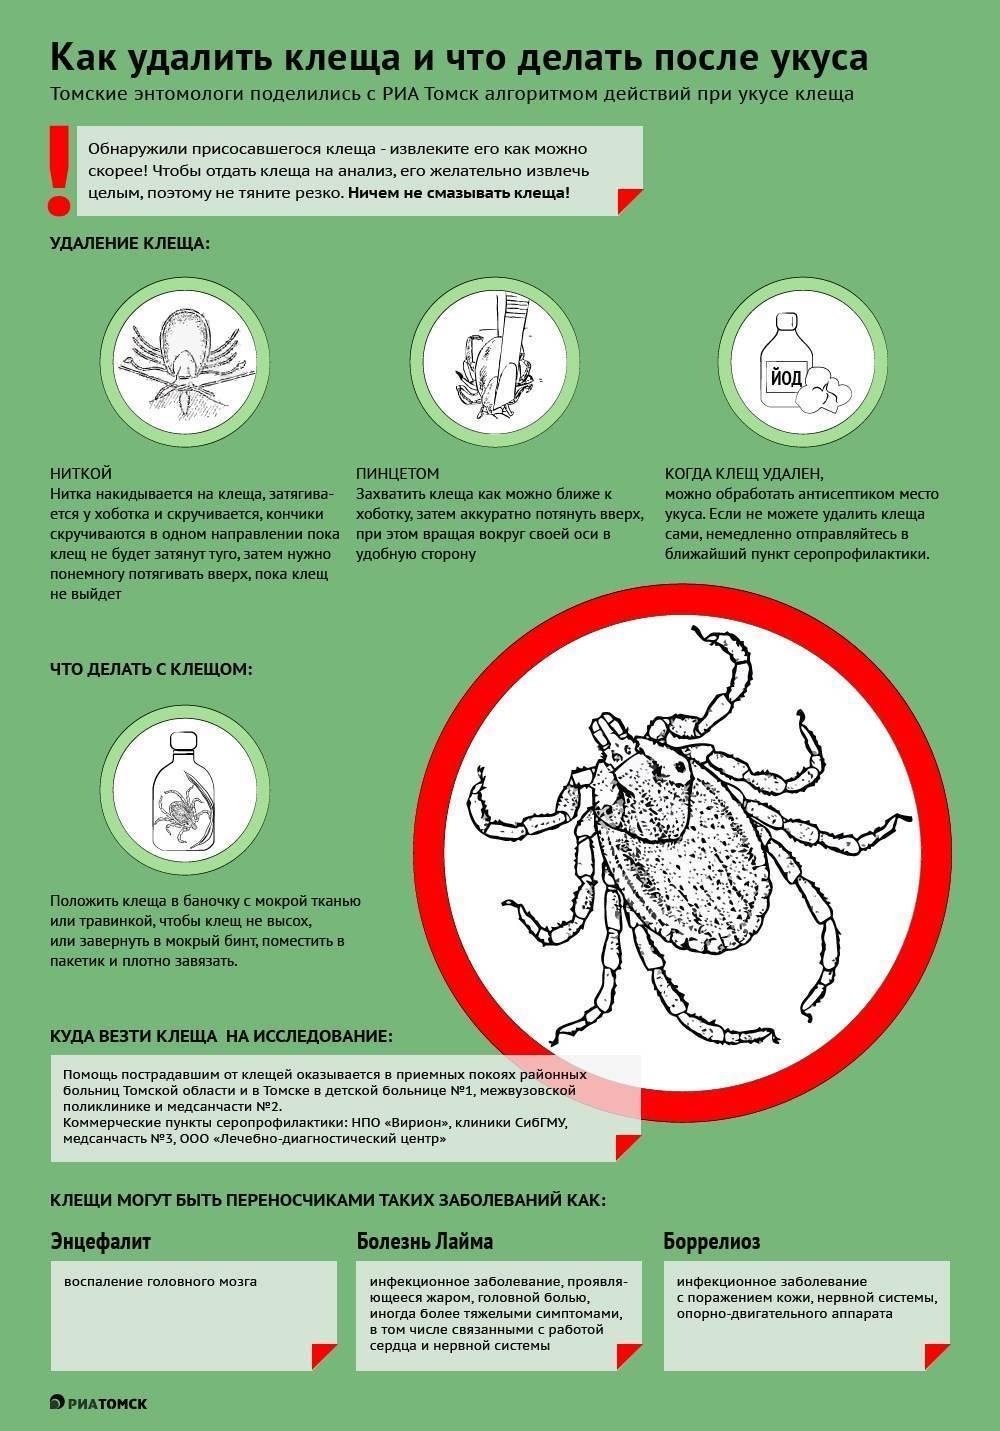 Укус клеща: что делать если укусил клещ. эффективное средство от клещей (фото)